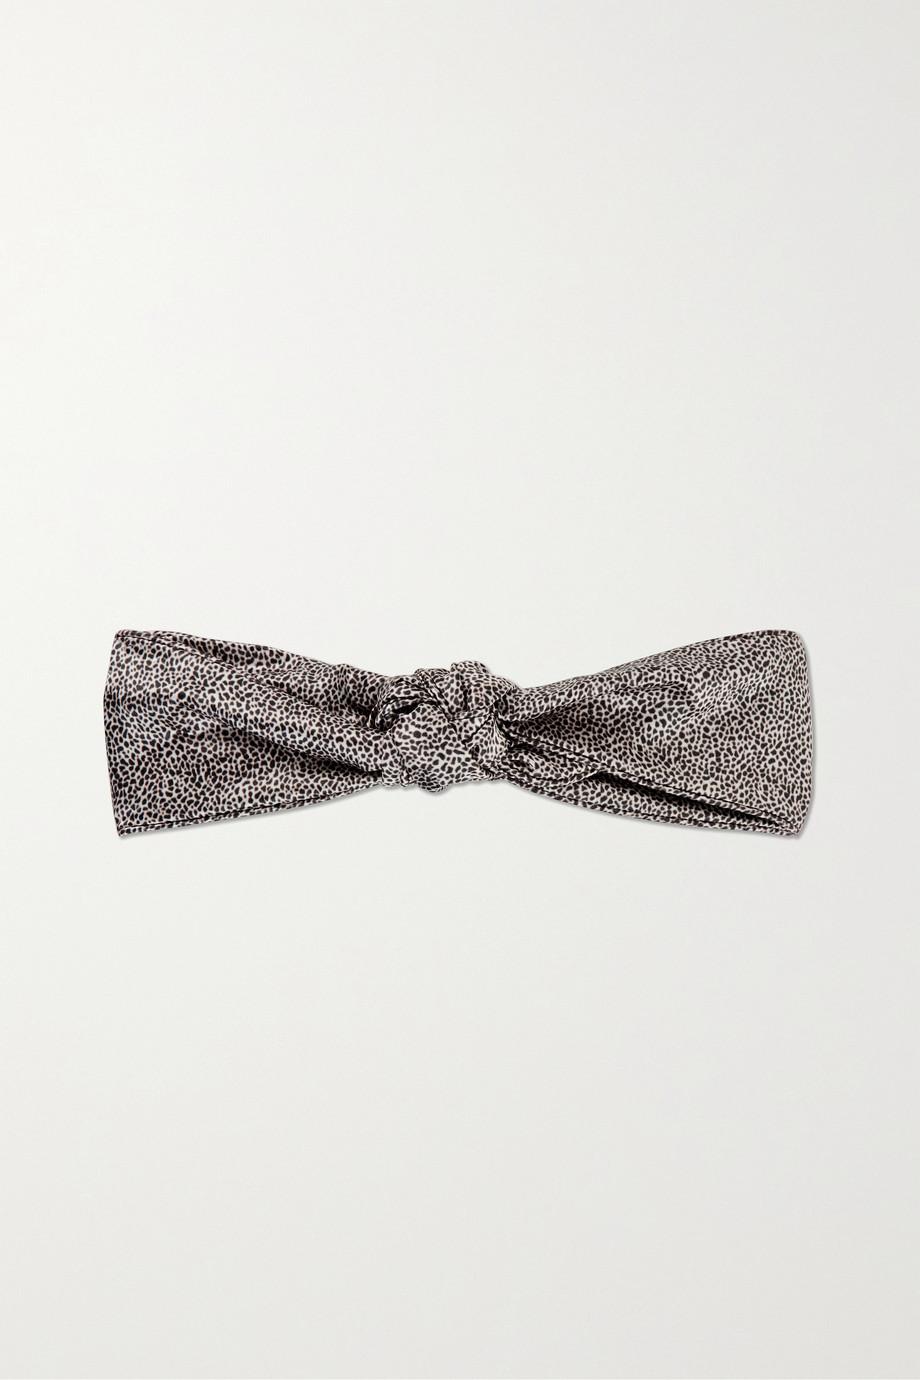 Slip Knot leopard-print silk headband